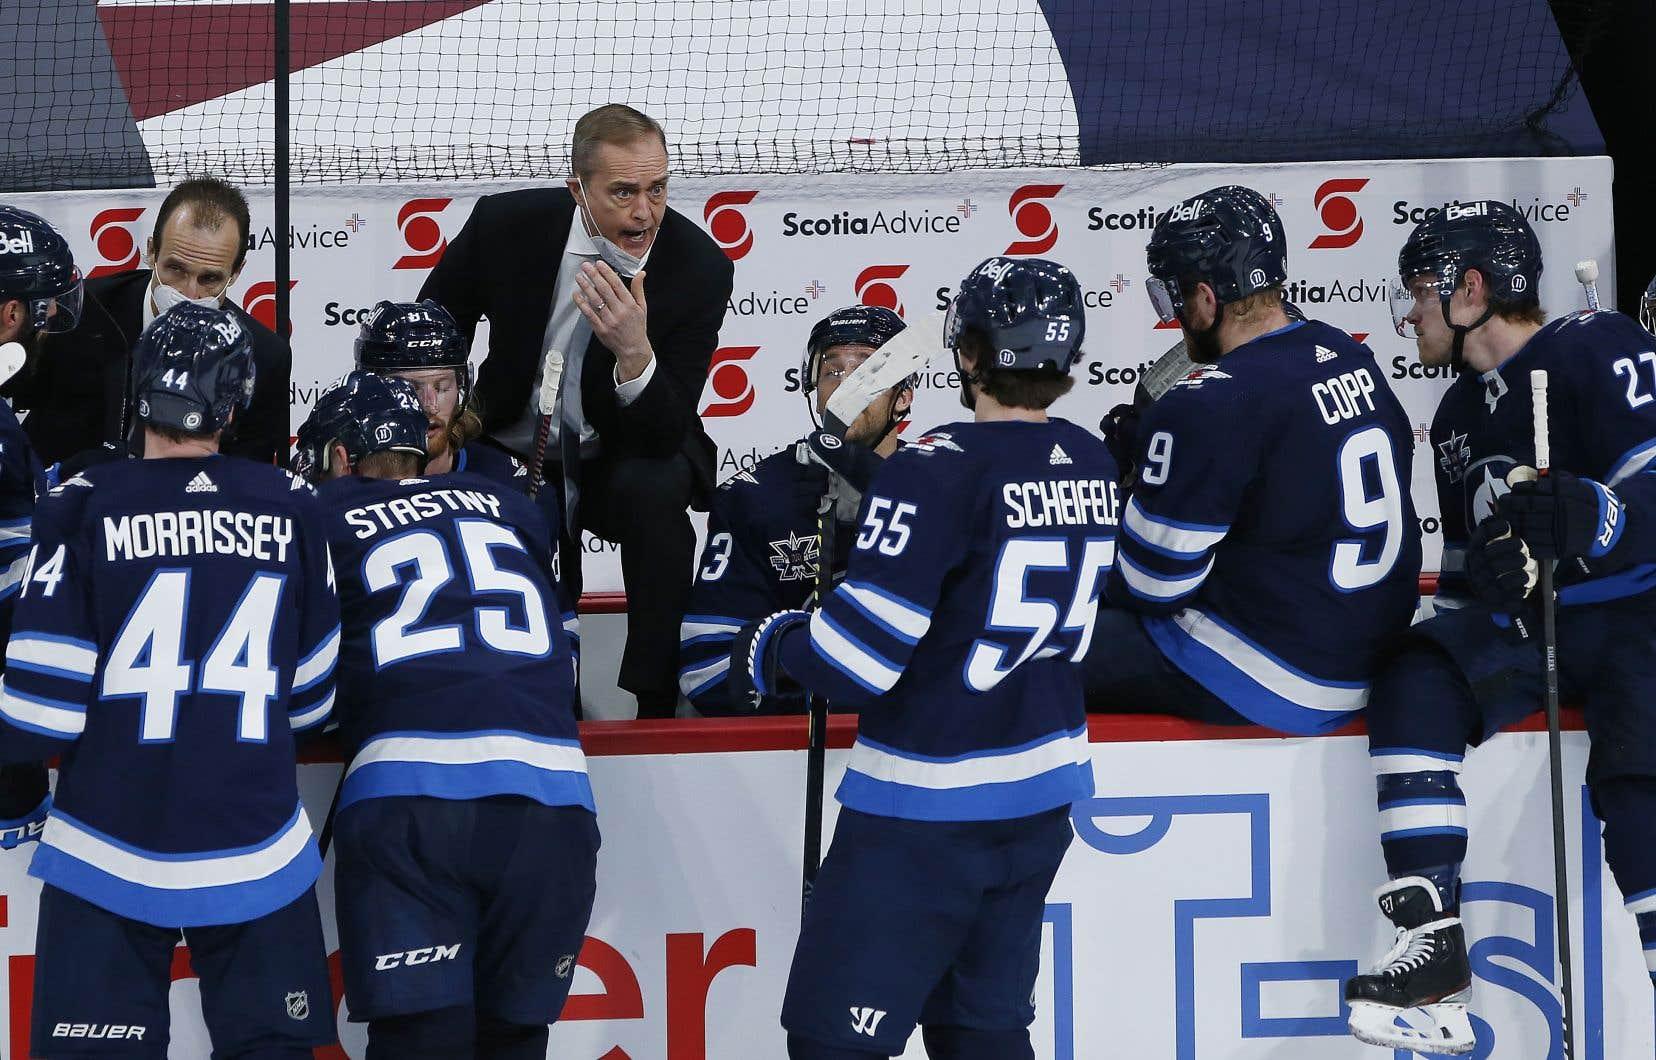 La mise en échec de Mark Scheifele sur Jake Evans était «un coup violent, mais c'était un coup légal», affirme l'entraîneur-chef des Jets de Winnipeg.